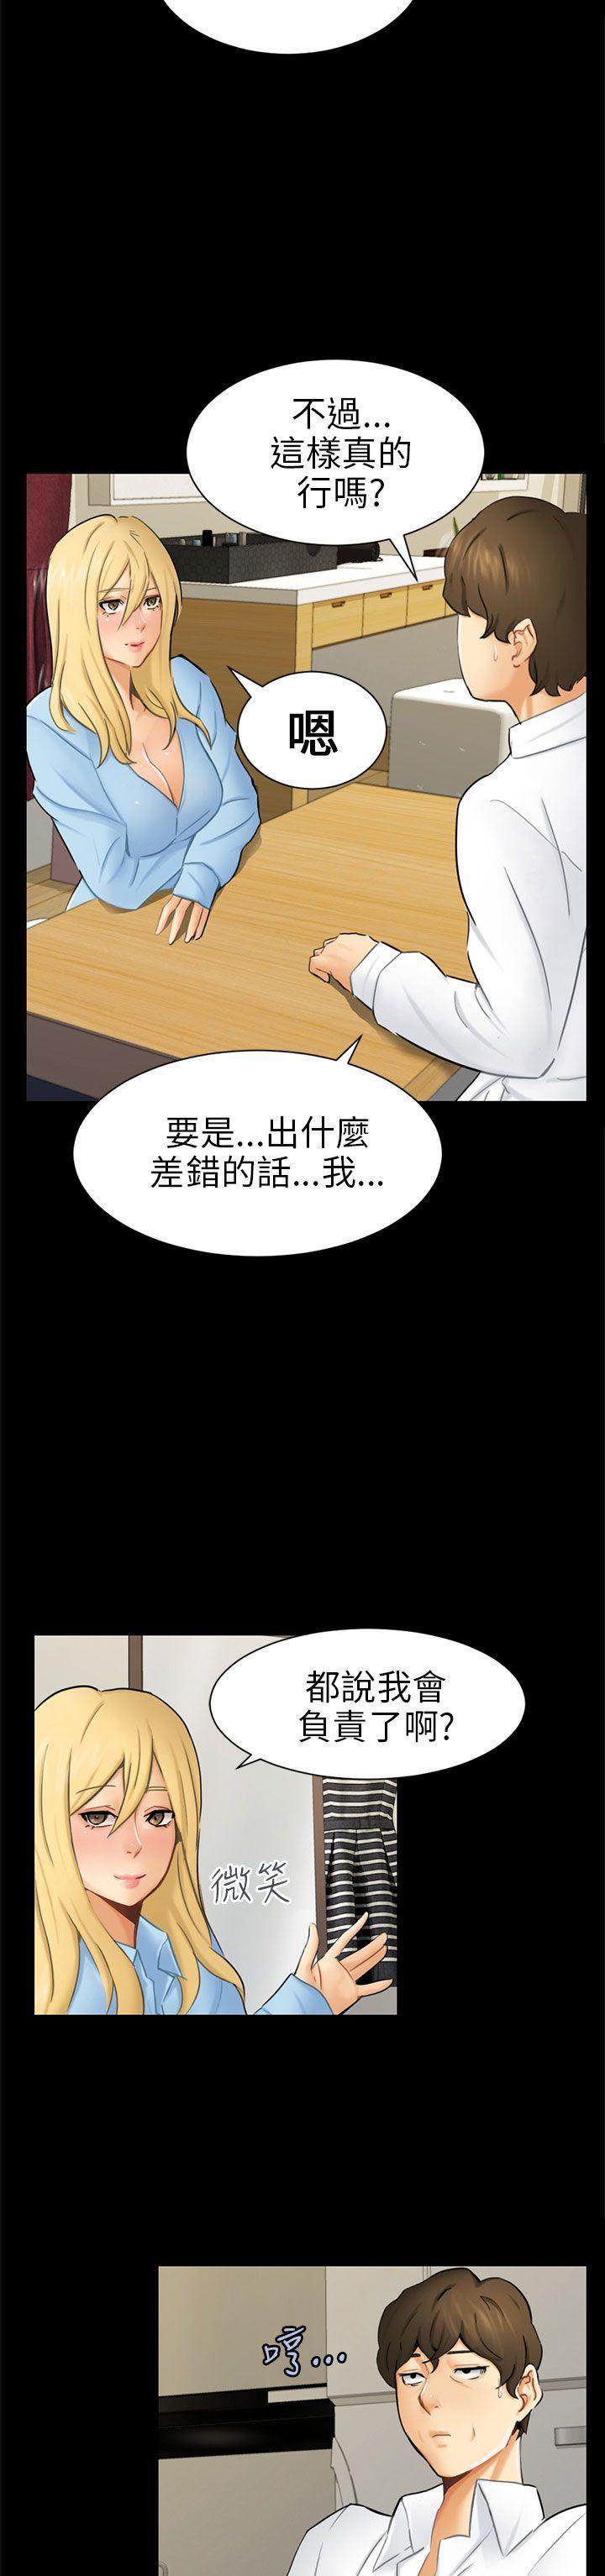 騙局-第10話 計畫全彩韩漫标签